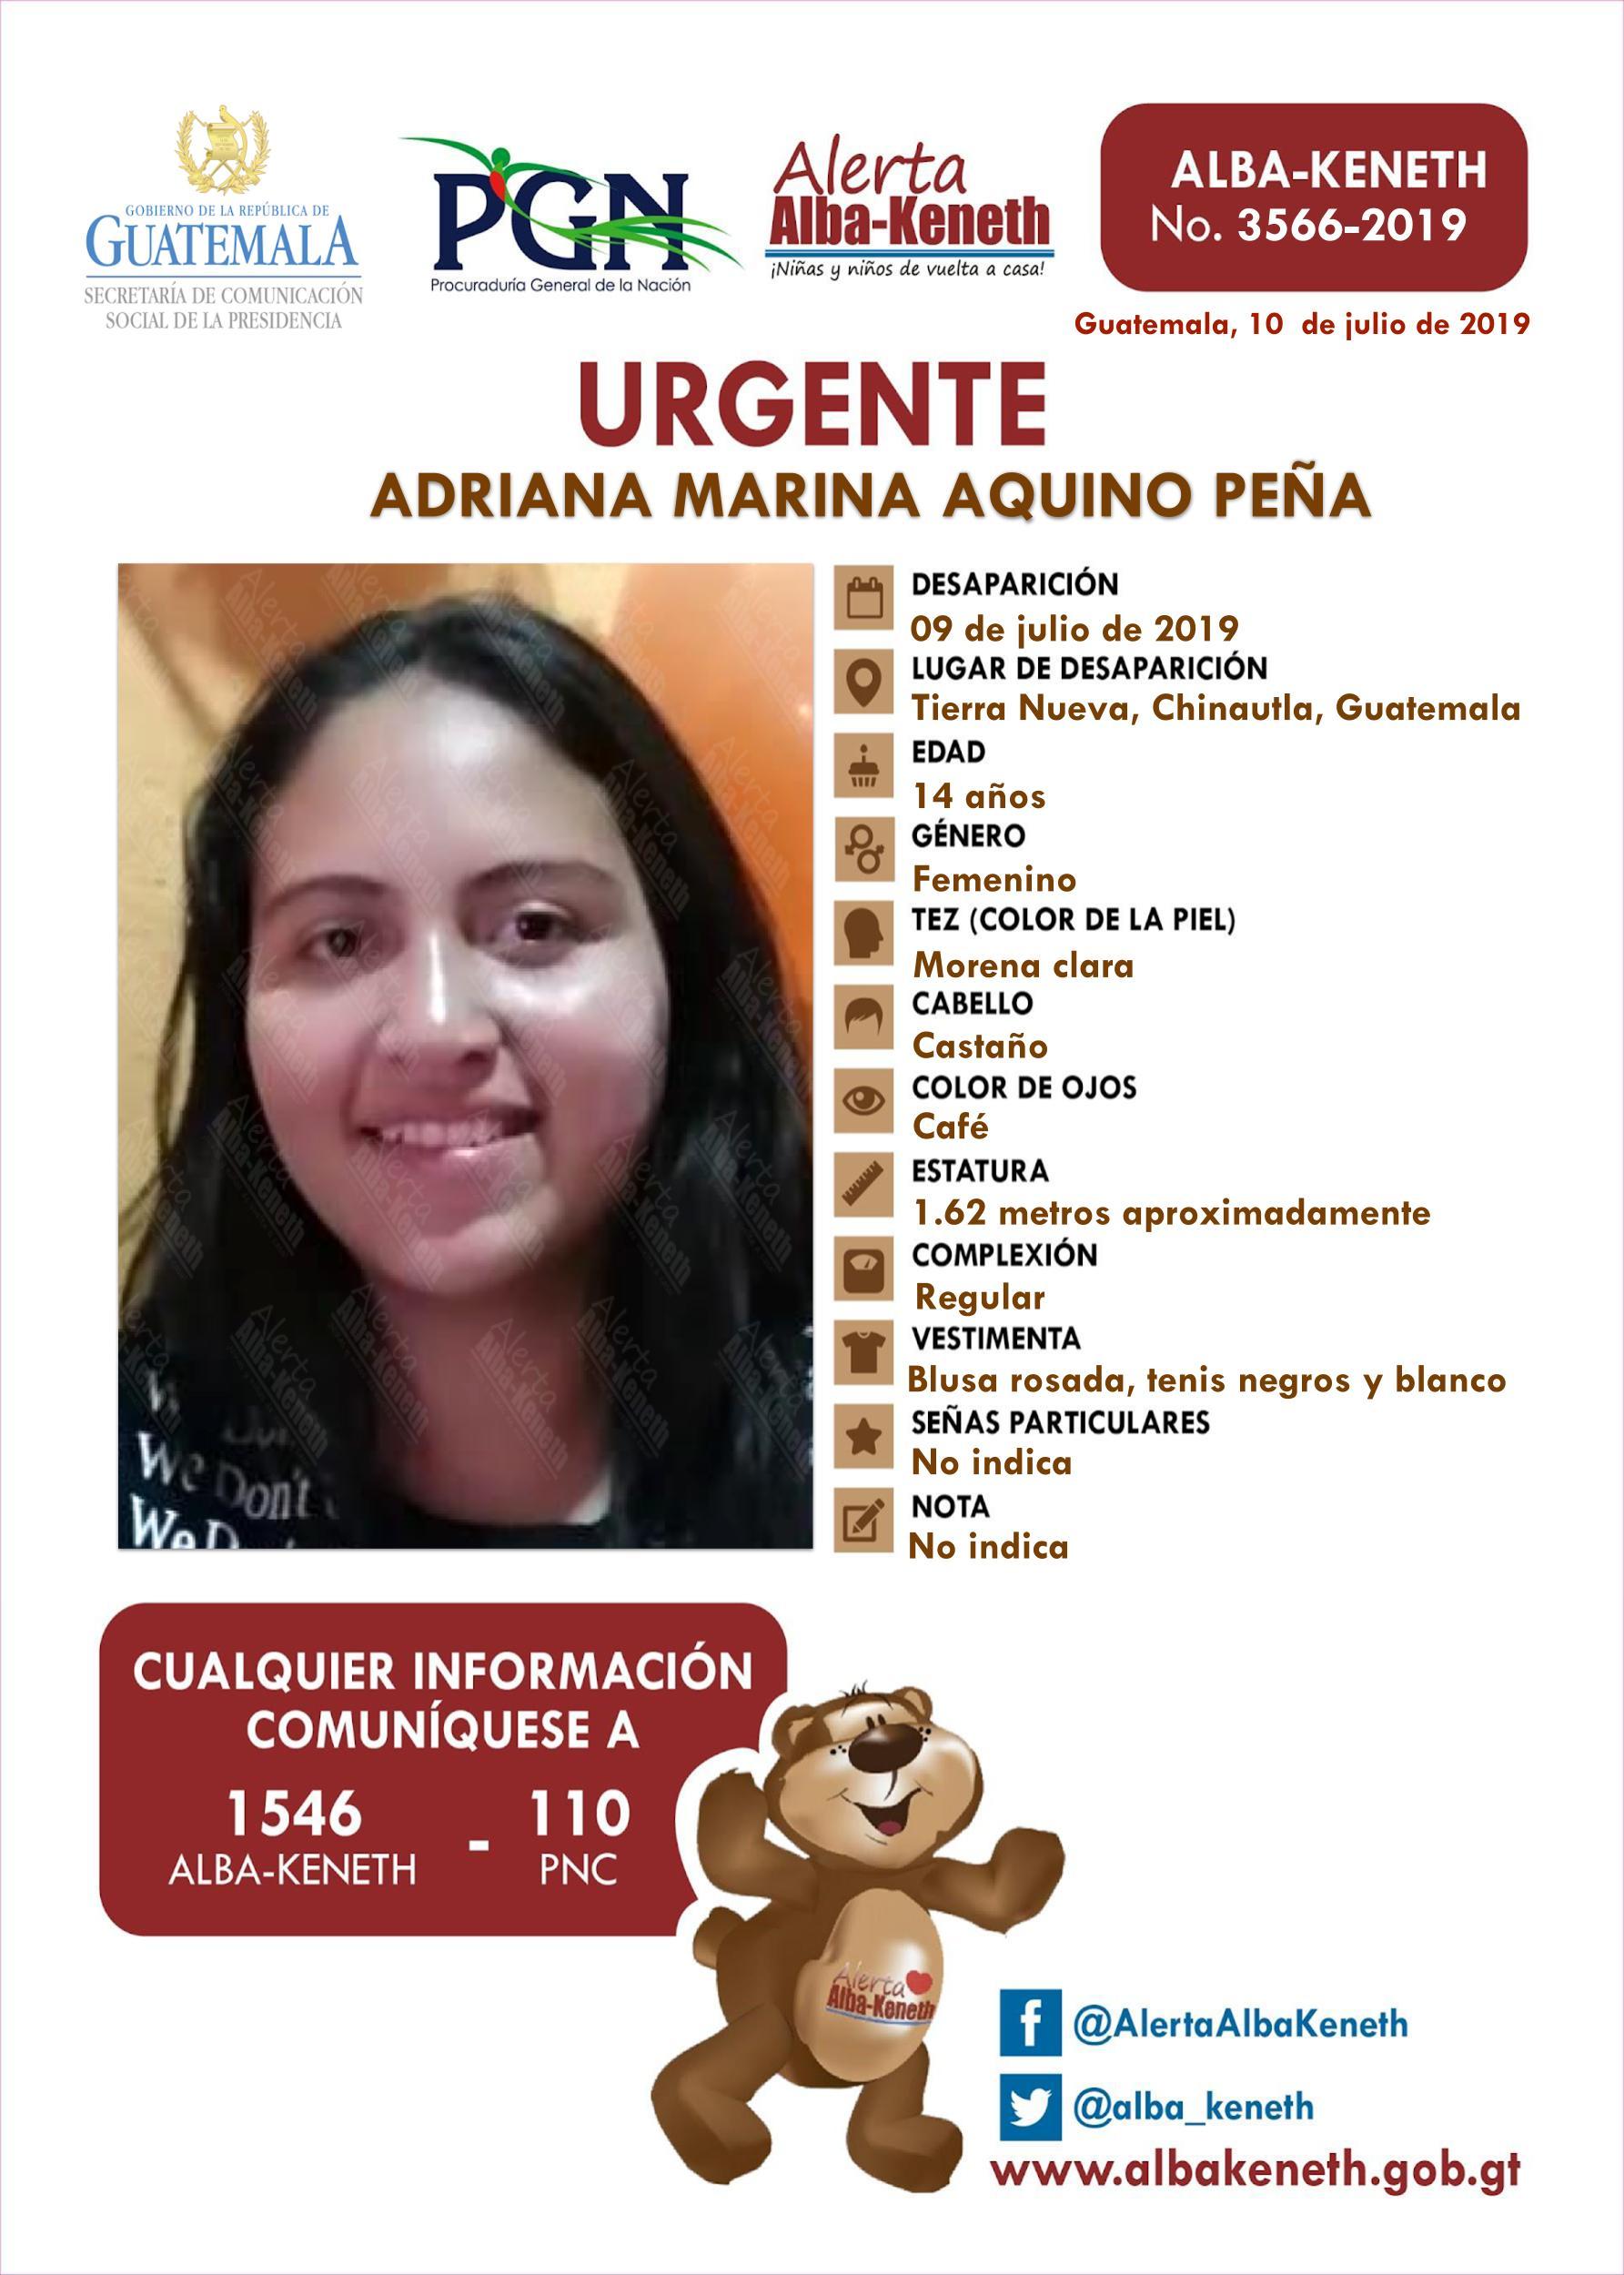 Adriana Marina Aquino Peña